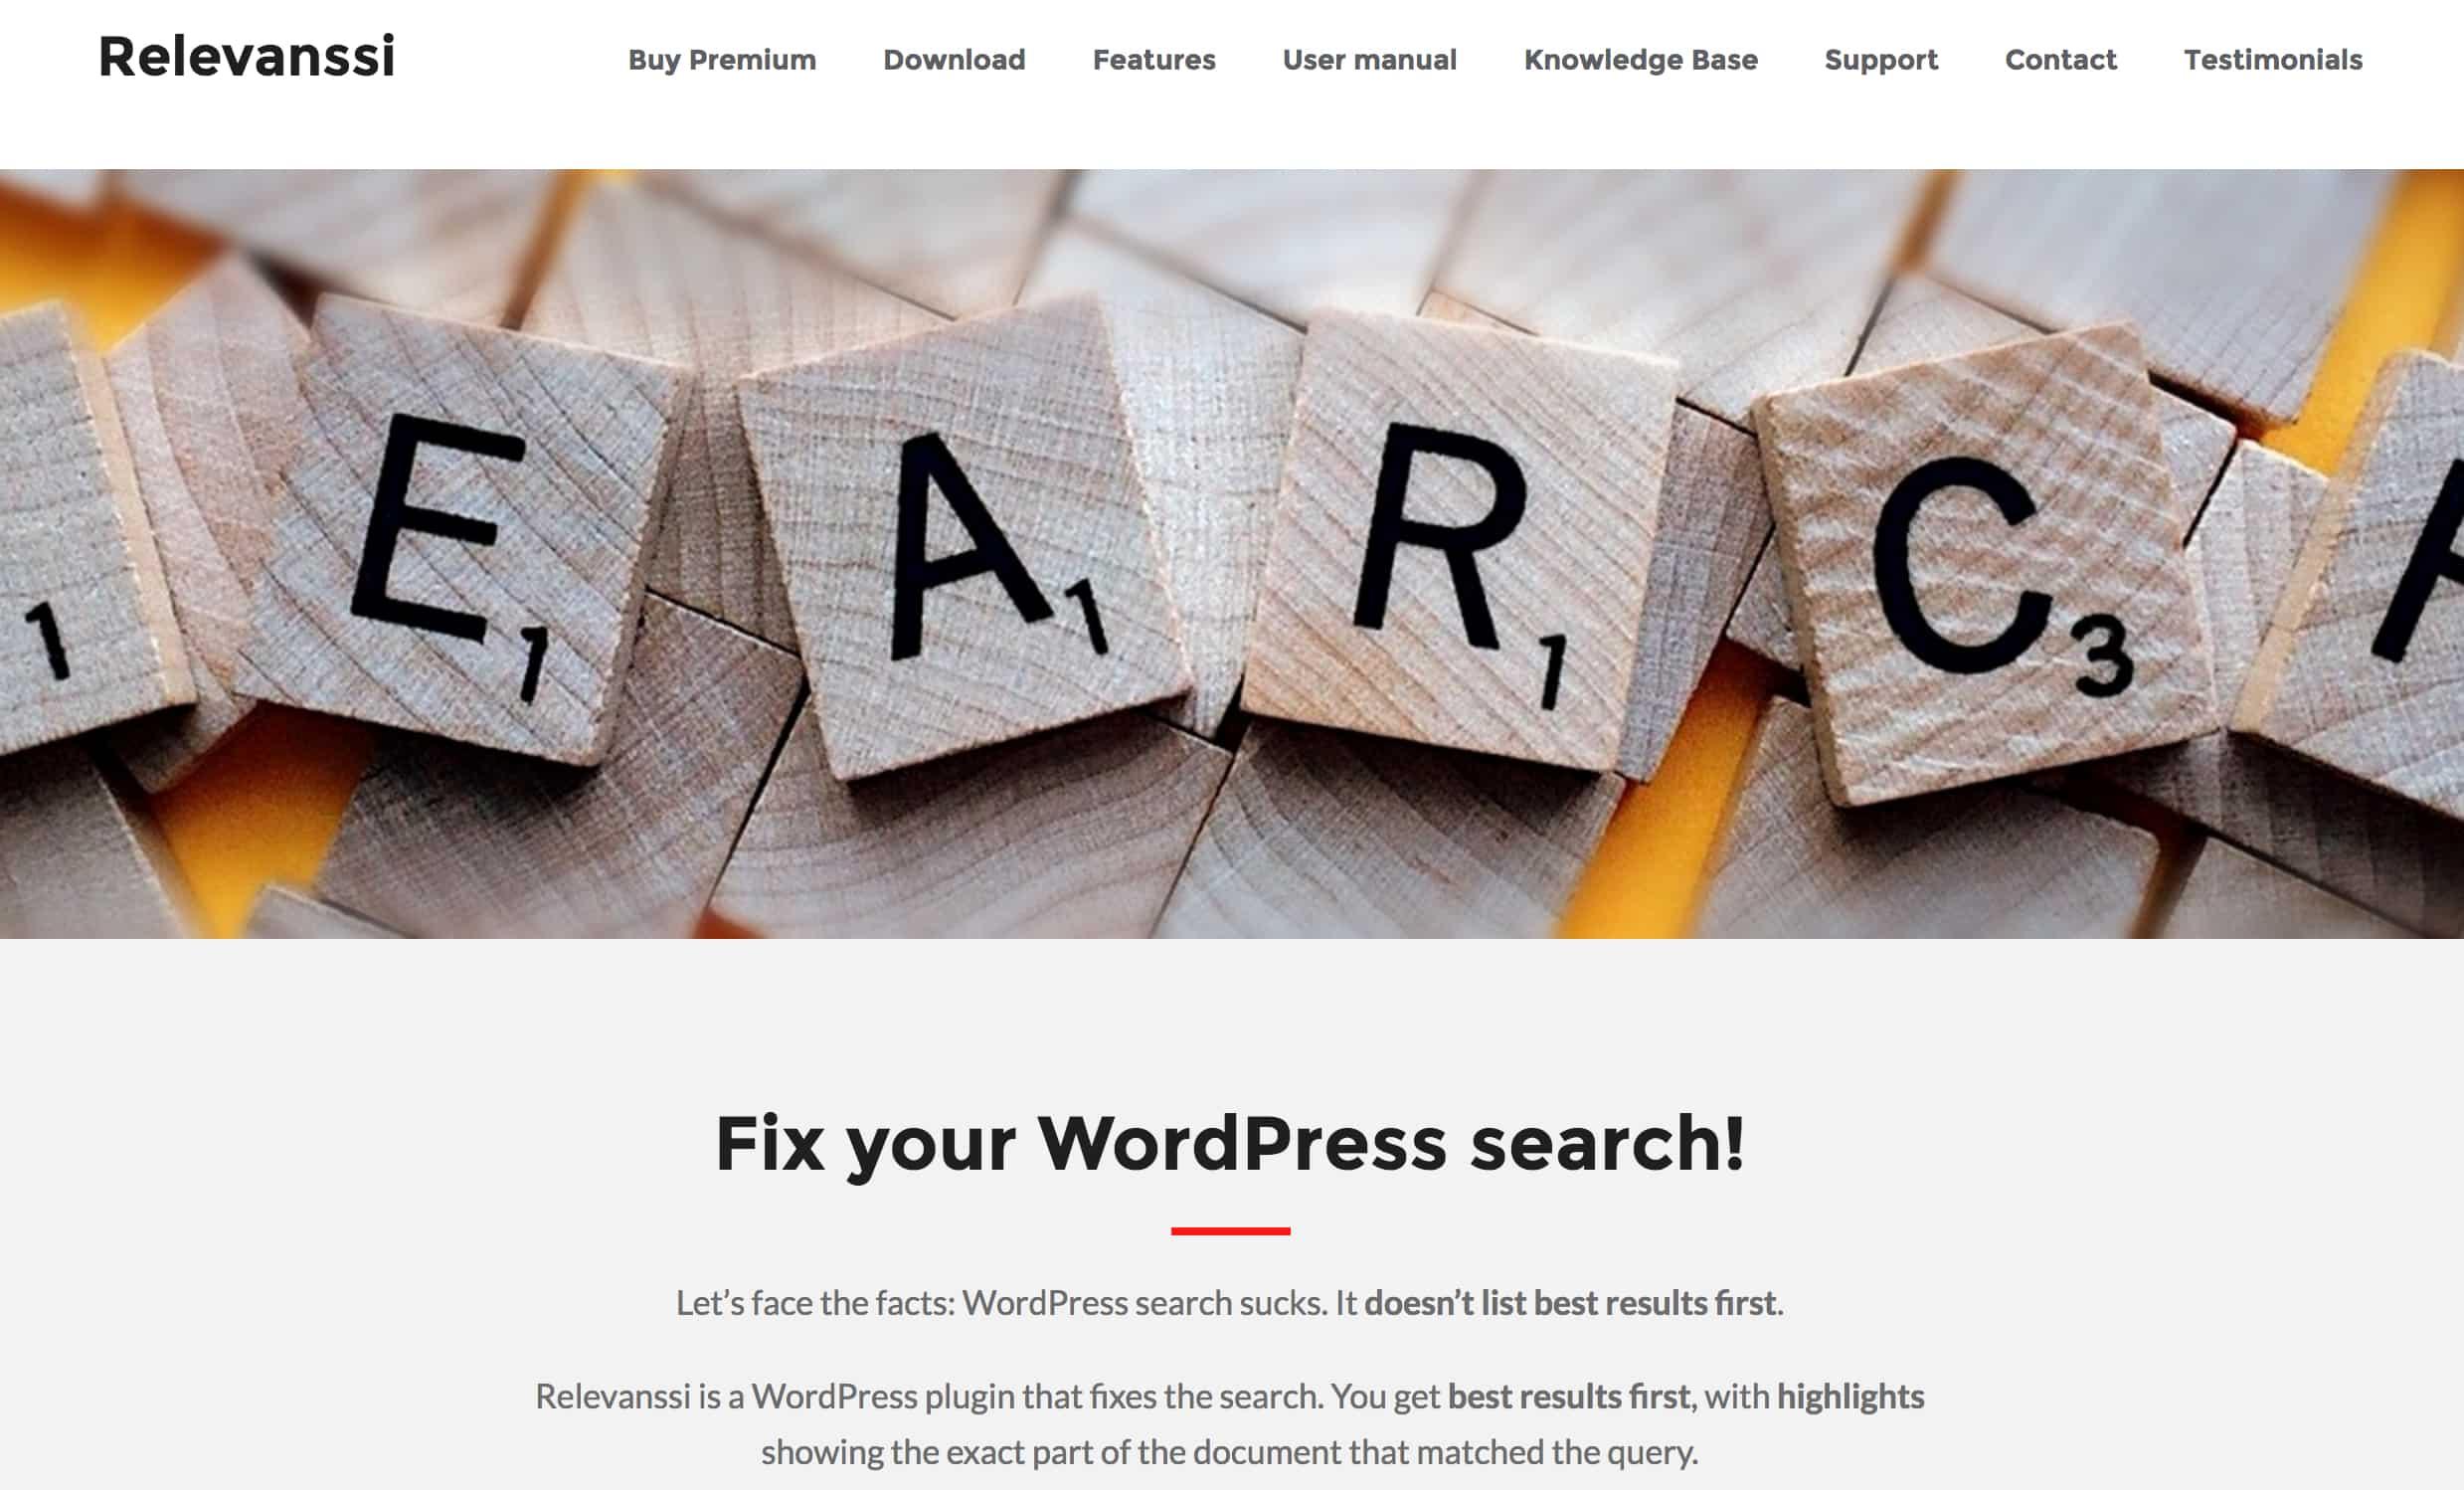 Relevanssi - Best WordPress Search Plugin